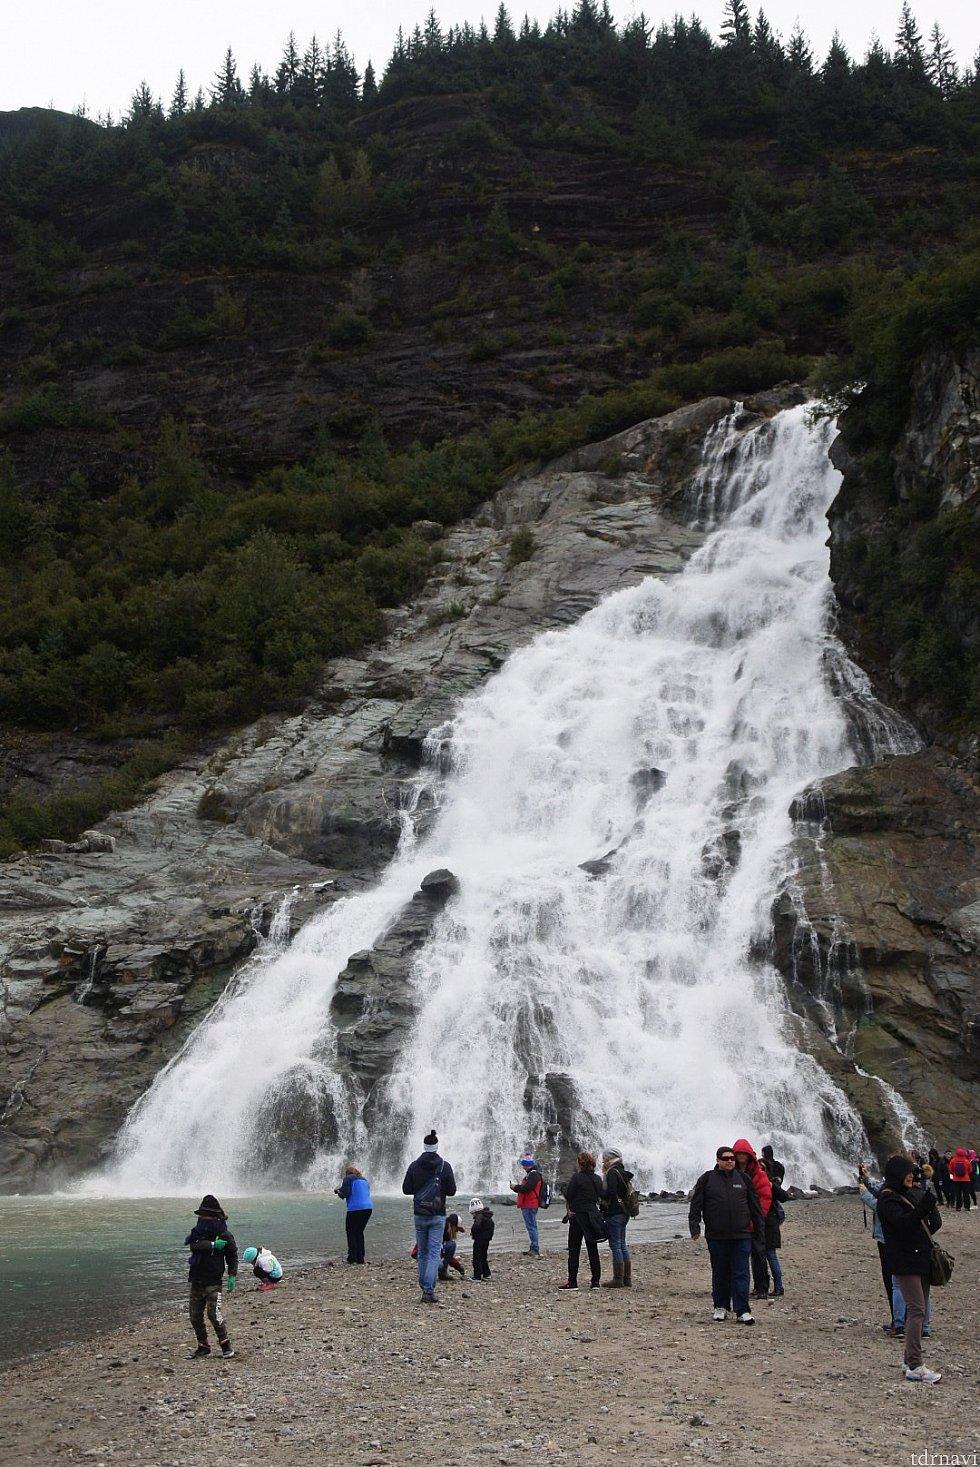 滝はこんな近くに!迫力がありました!